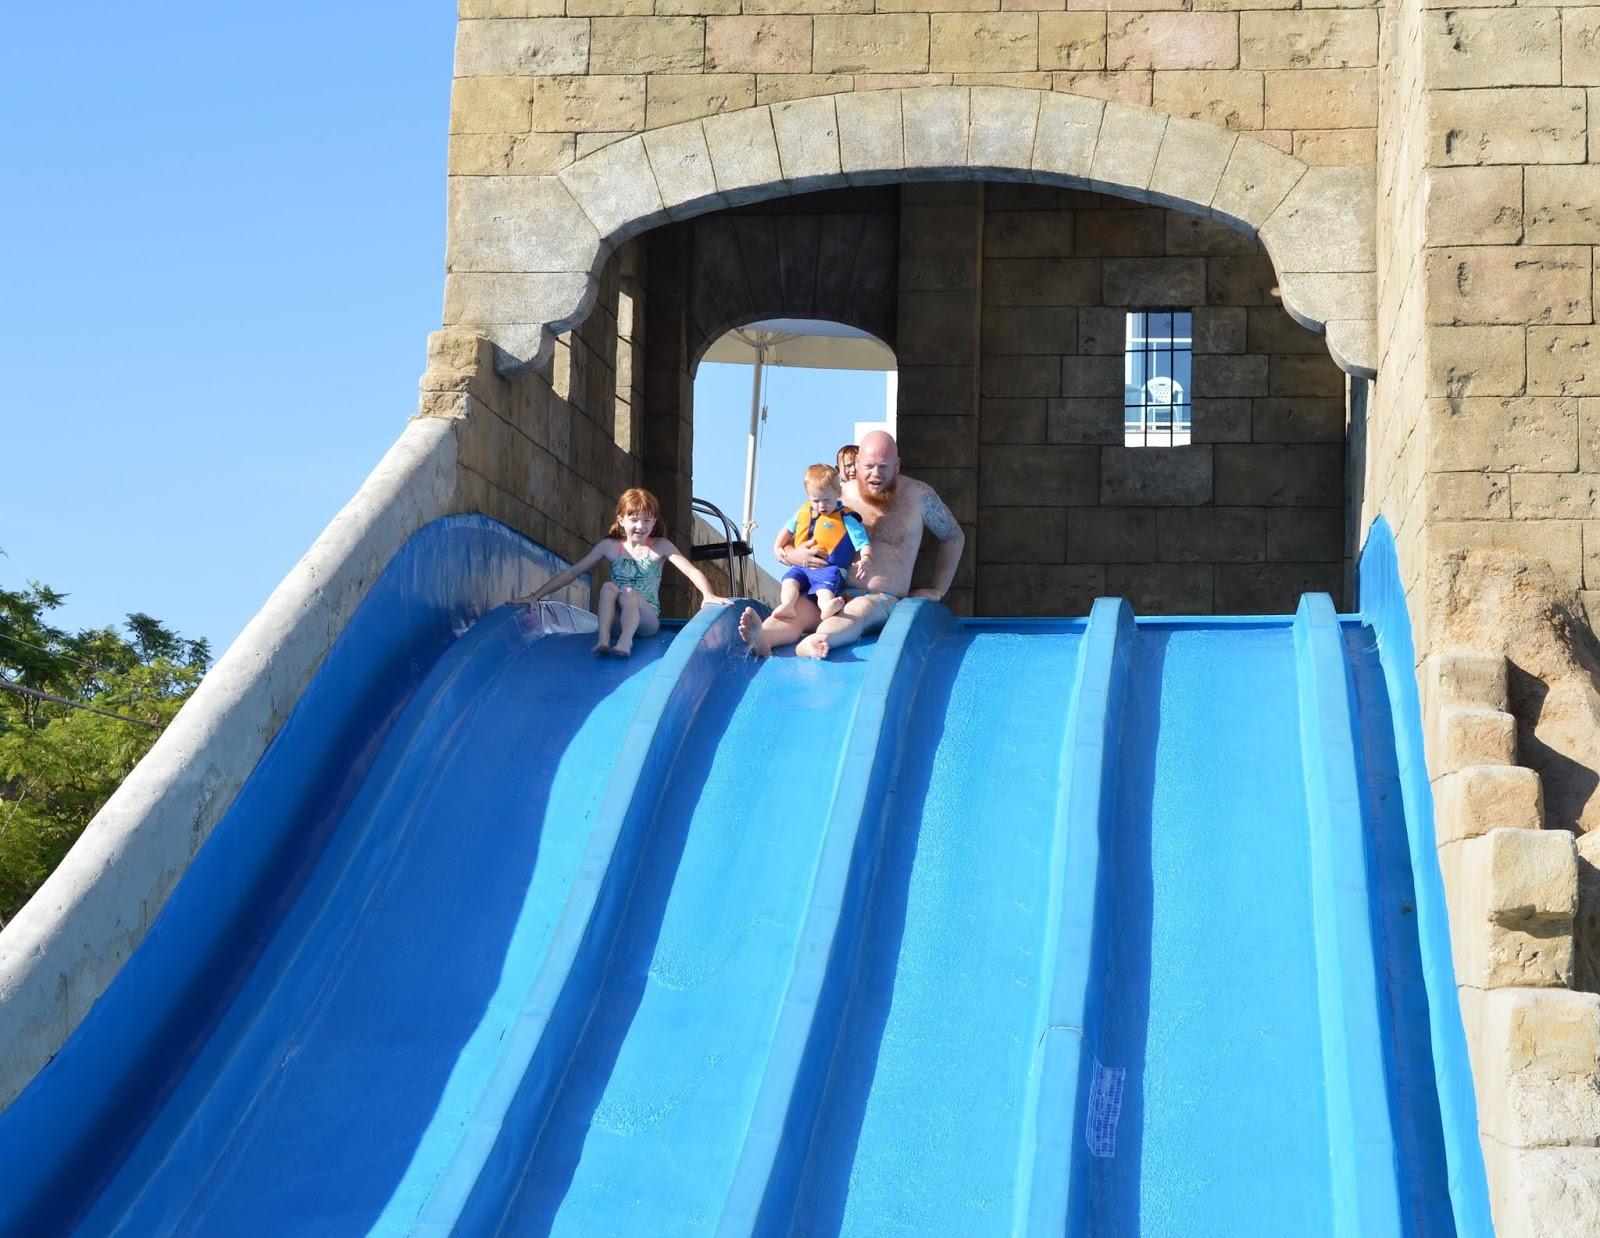 Pirates Village Santa Ponsa | Jet 2 Holidays Review  - water slides